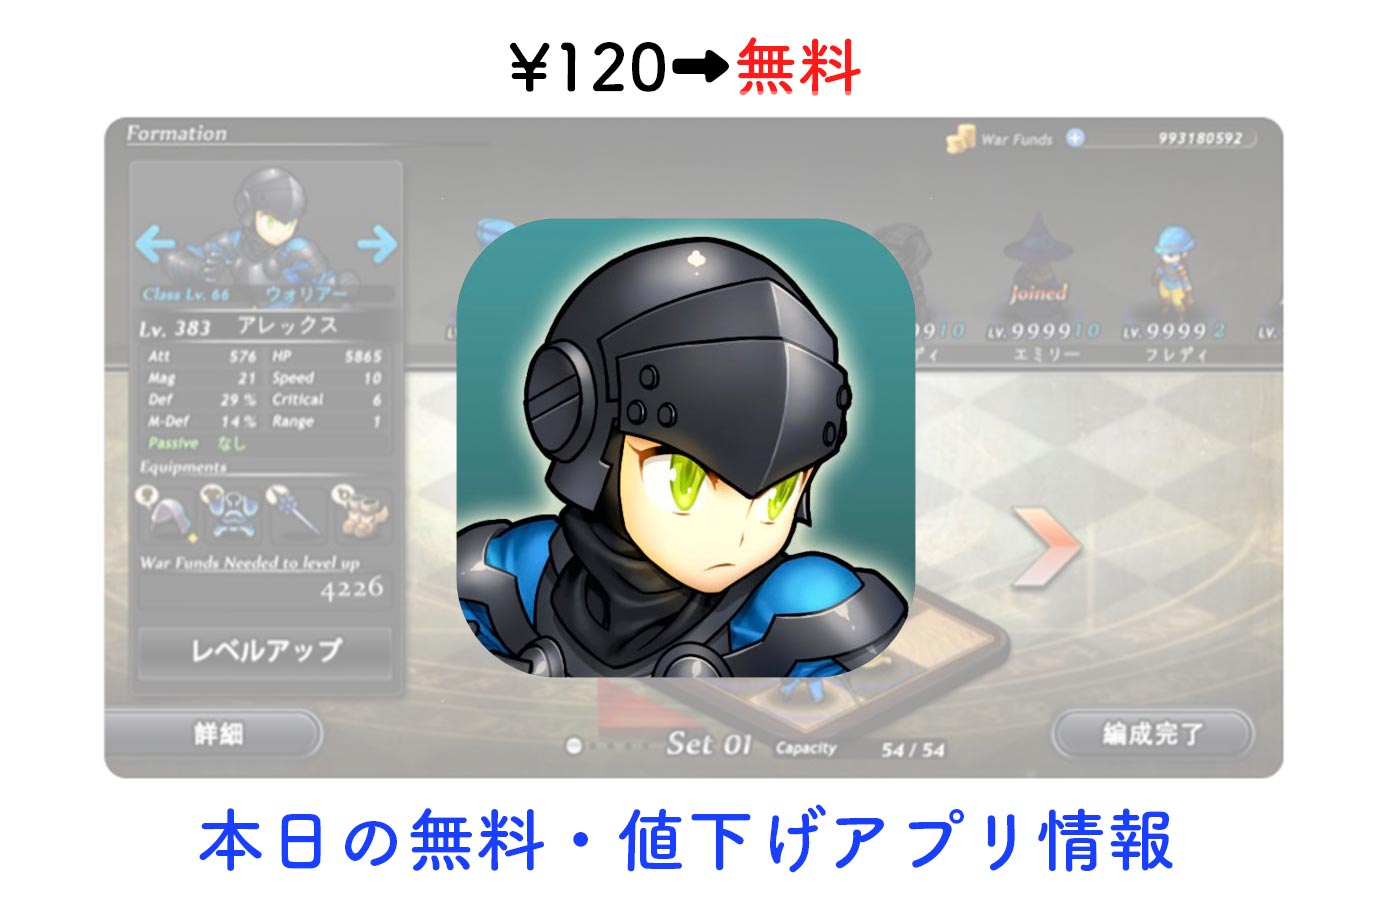 ¥120→無料、ハマるバトルシミュレーションRPG「ミステリーオブフォーチュン2」など【2/8】本日の無料・値下げアプリ情報